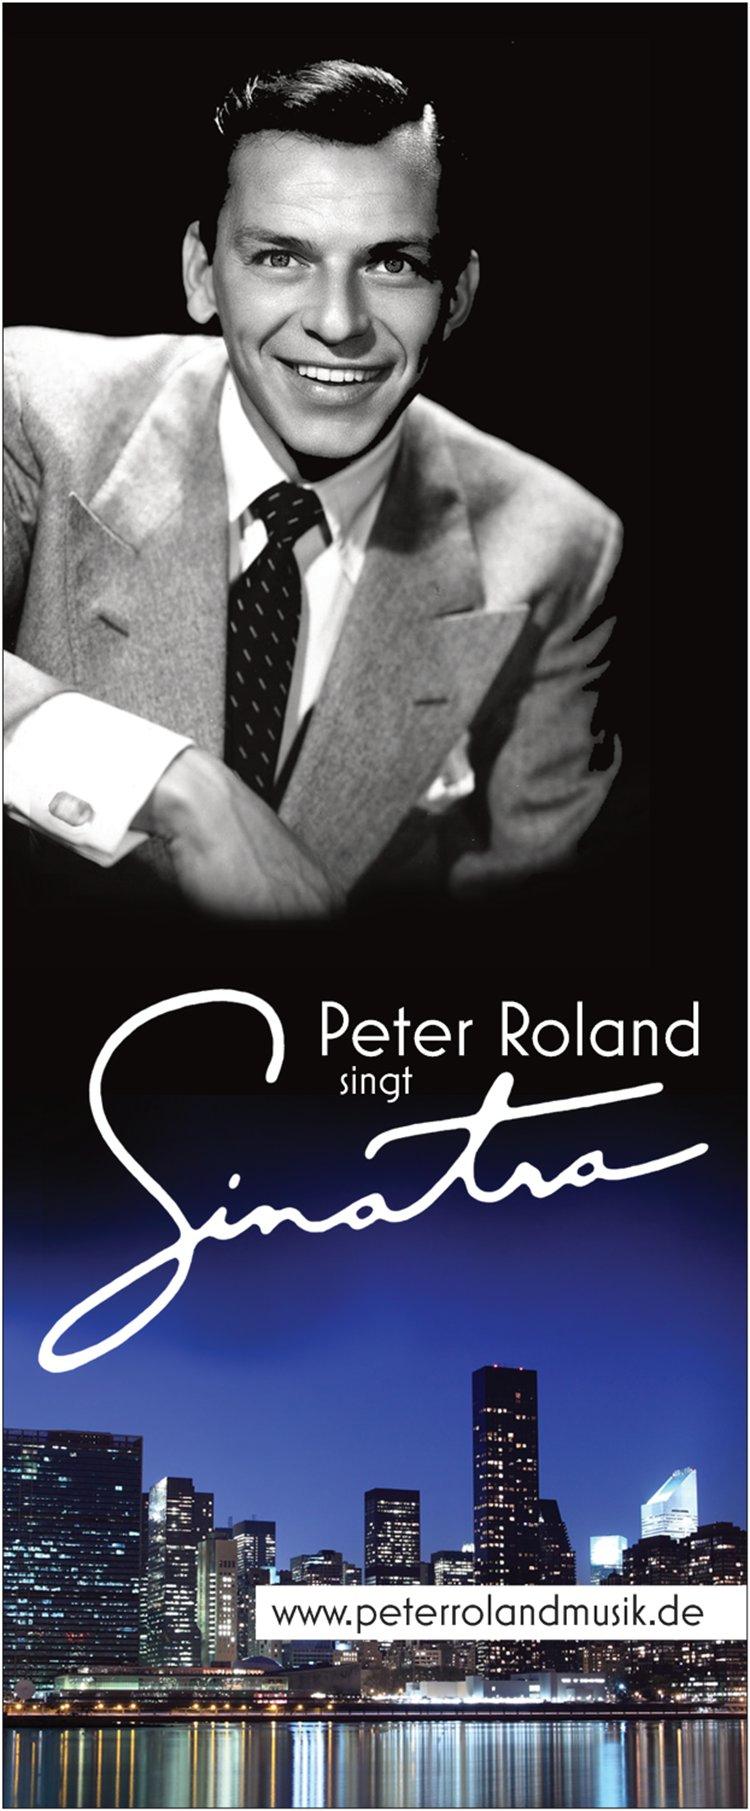 Peter Roland singt Sinatra